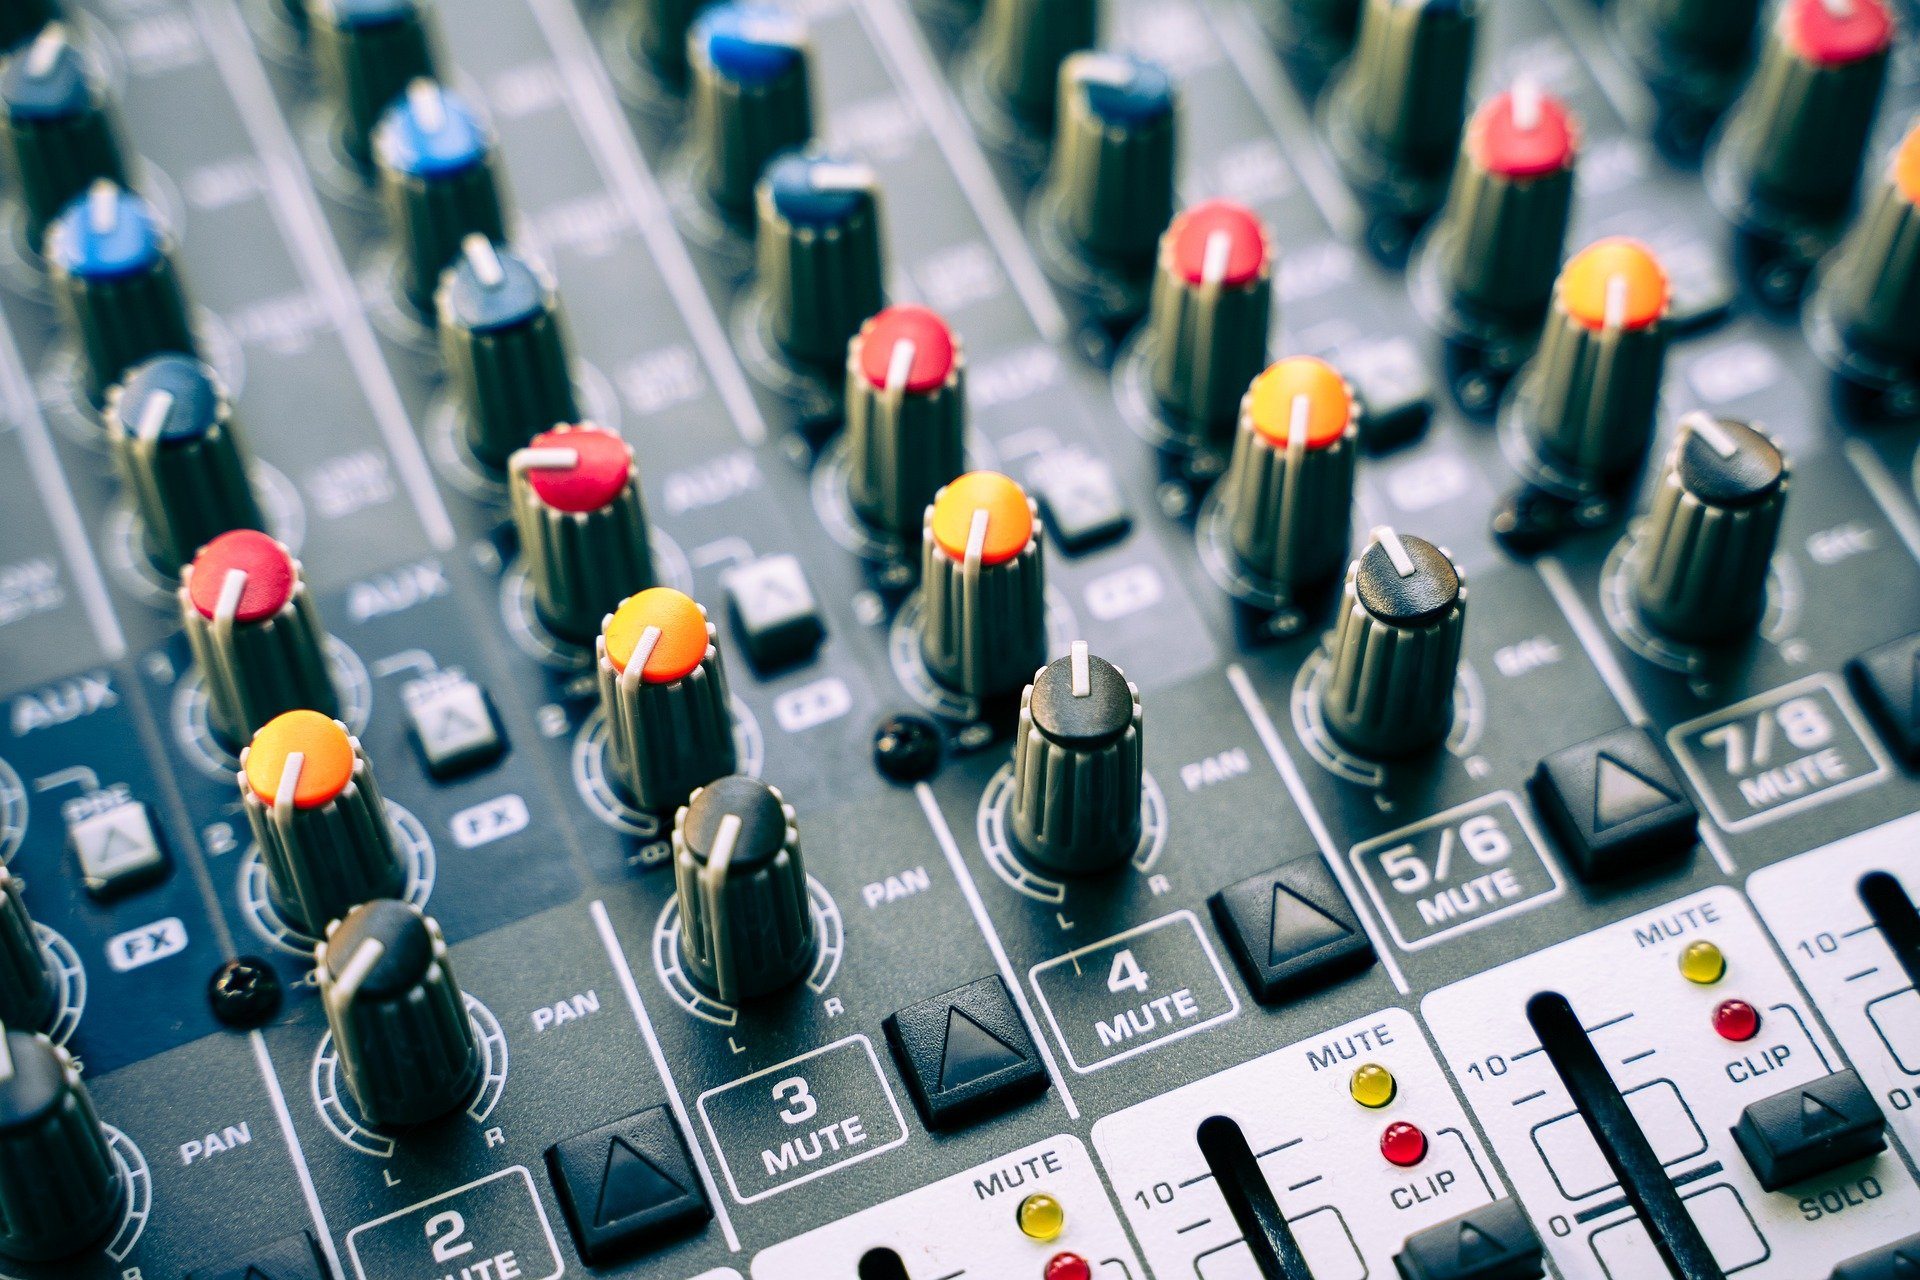 Audio equipment rental